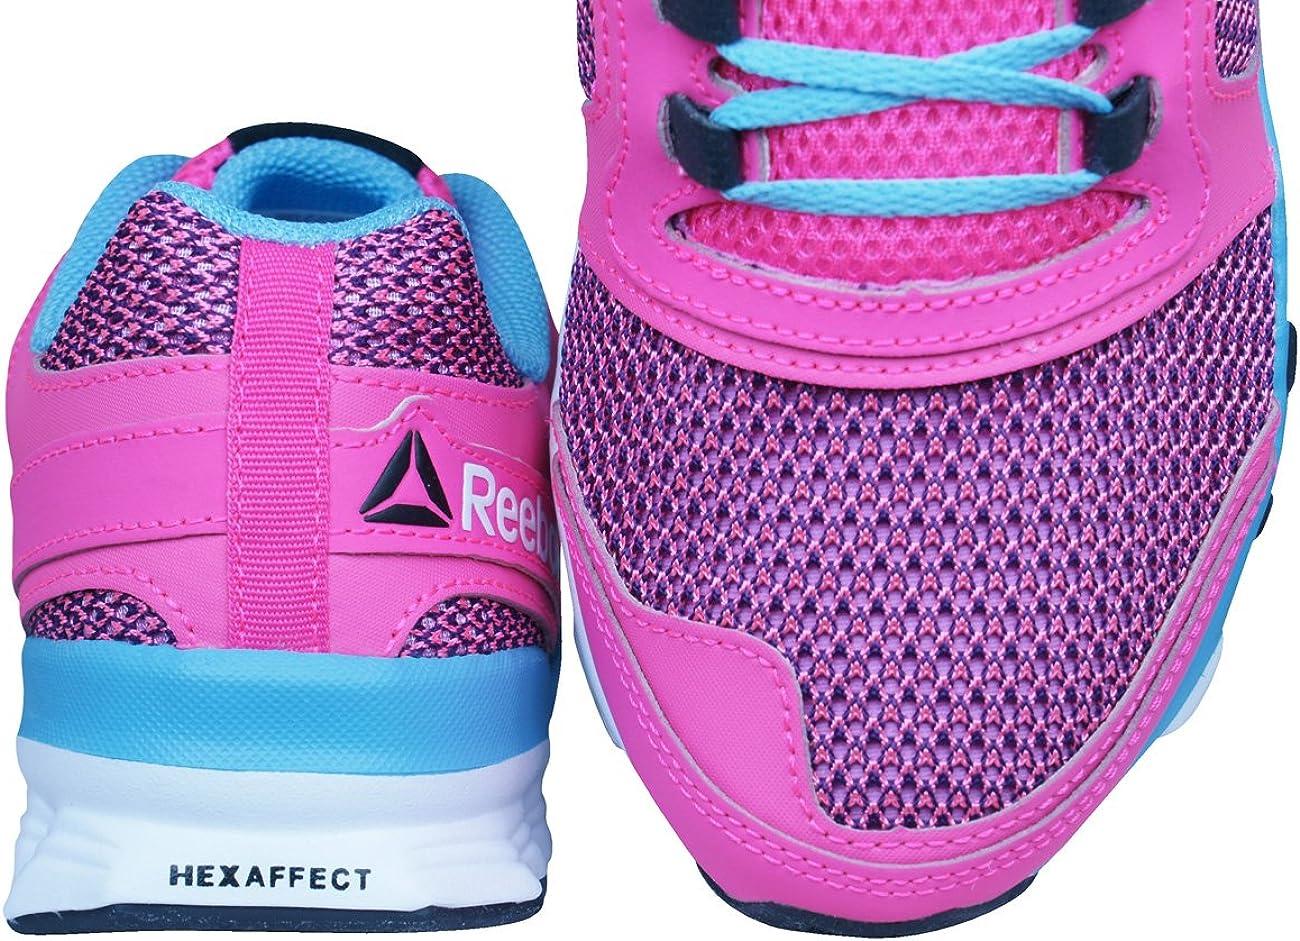 Girls Reebok Hexaffect Storm Running Shoes